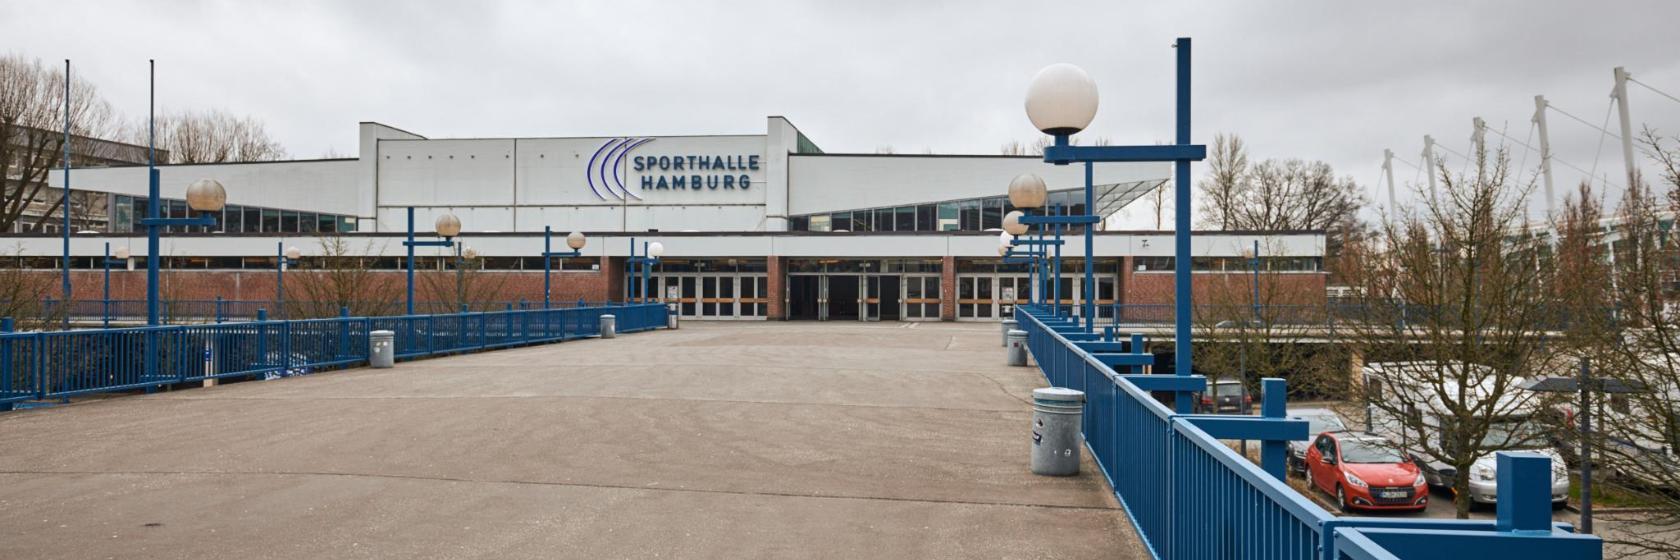 sporthalle hamburg parken